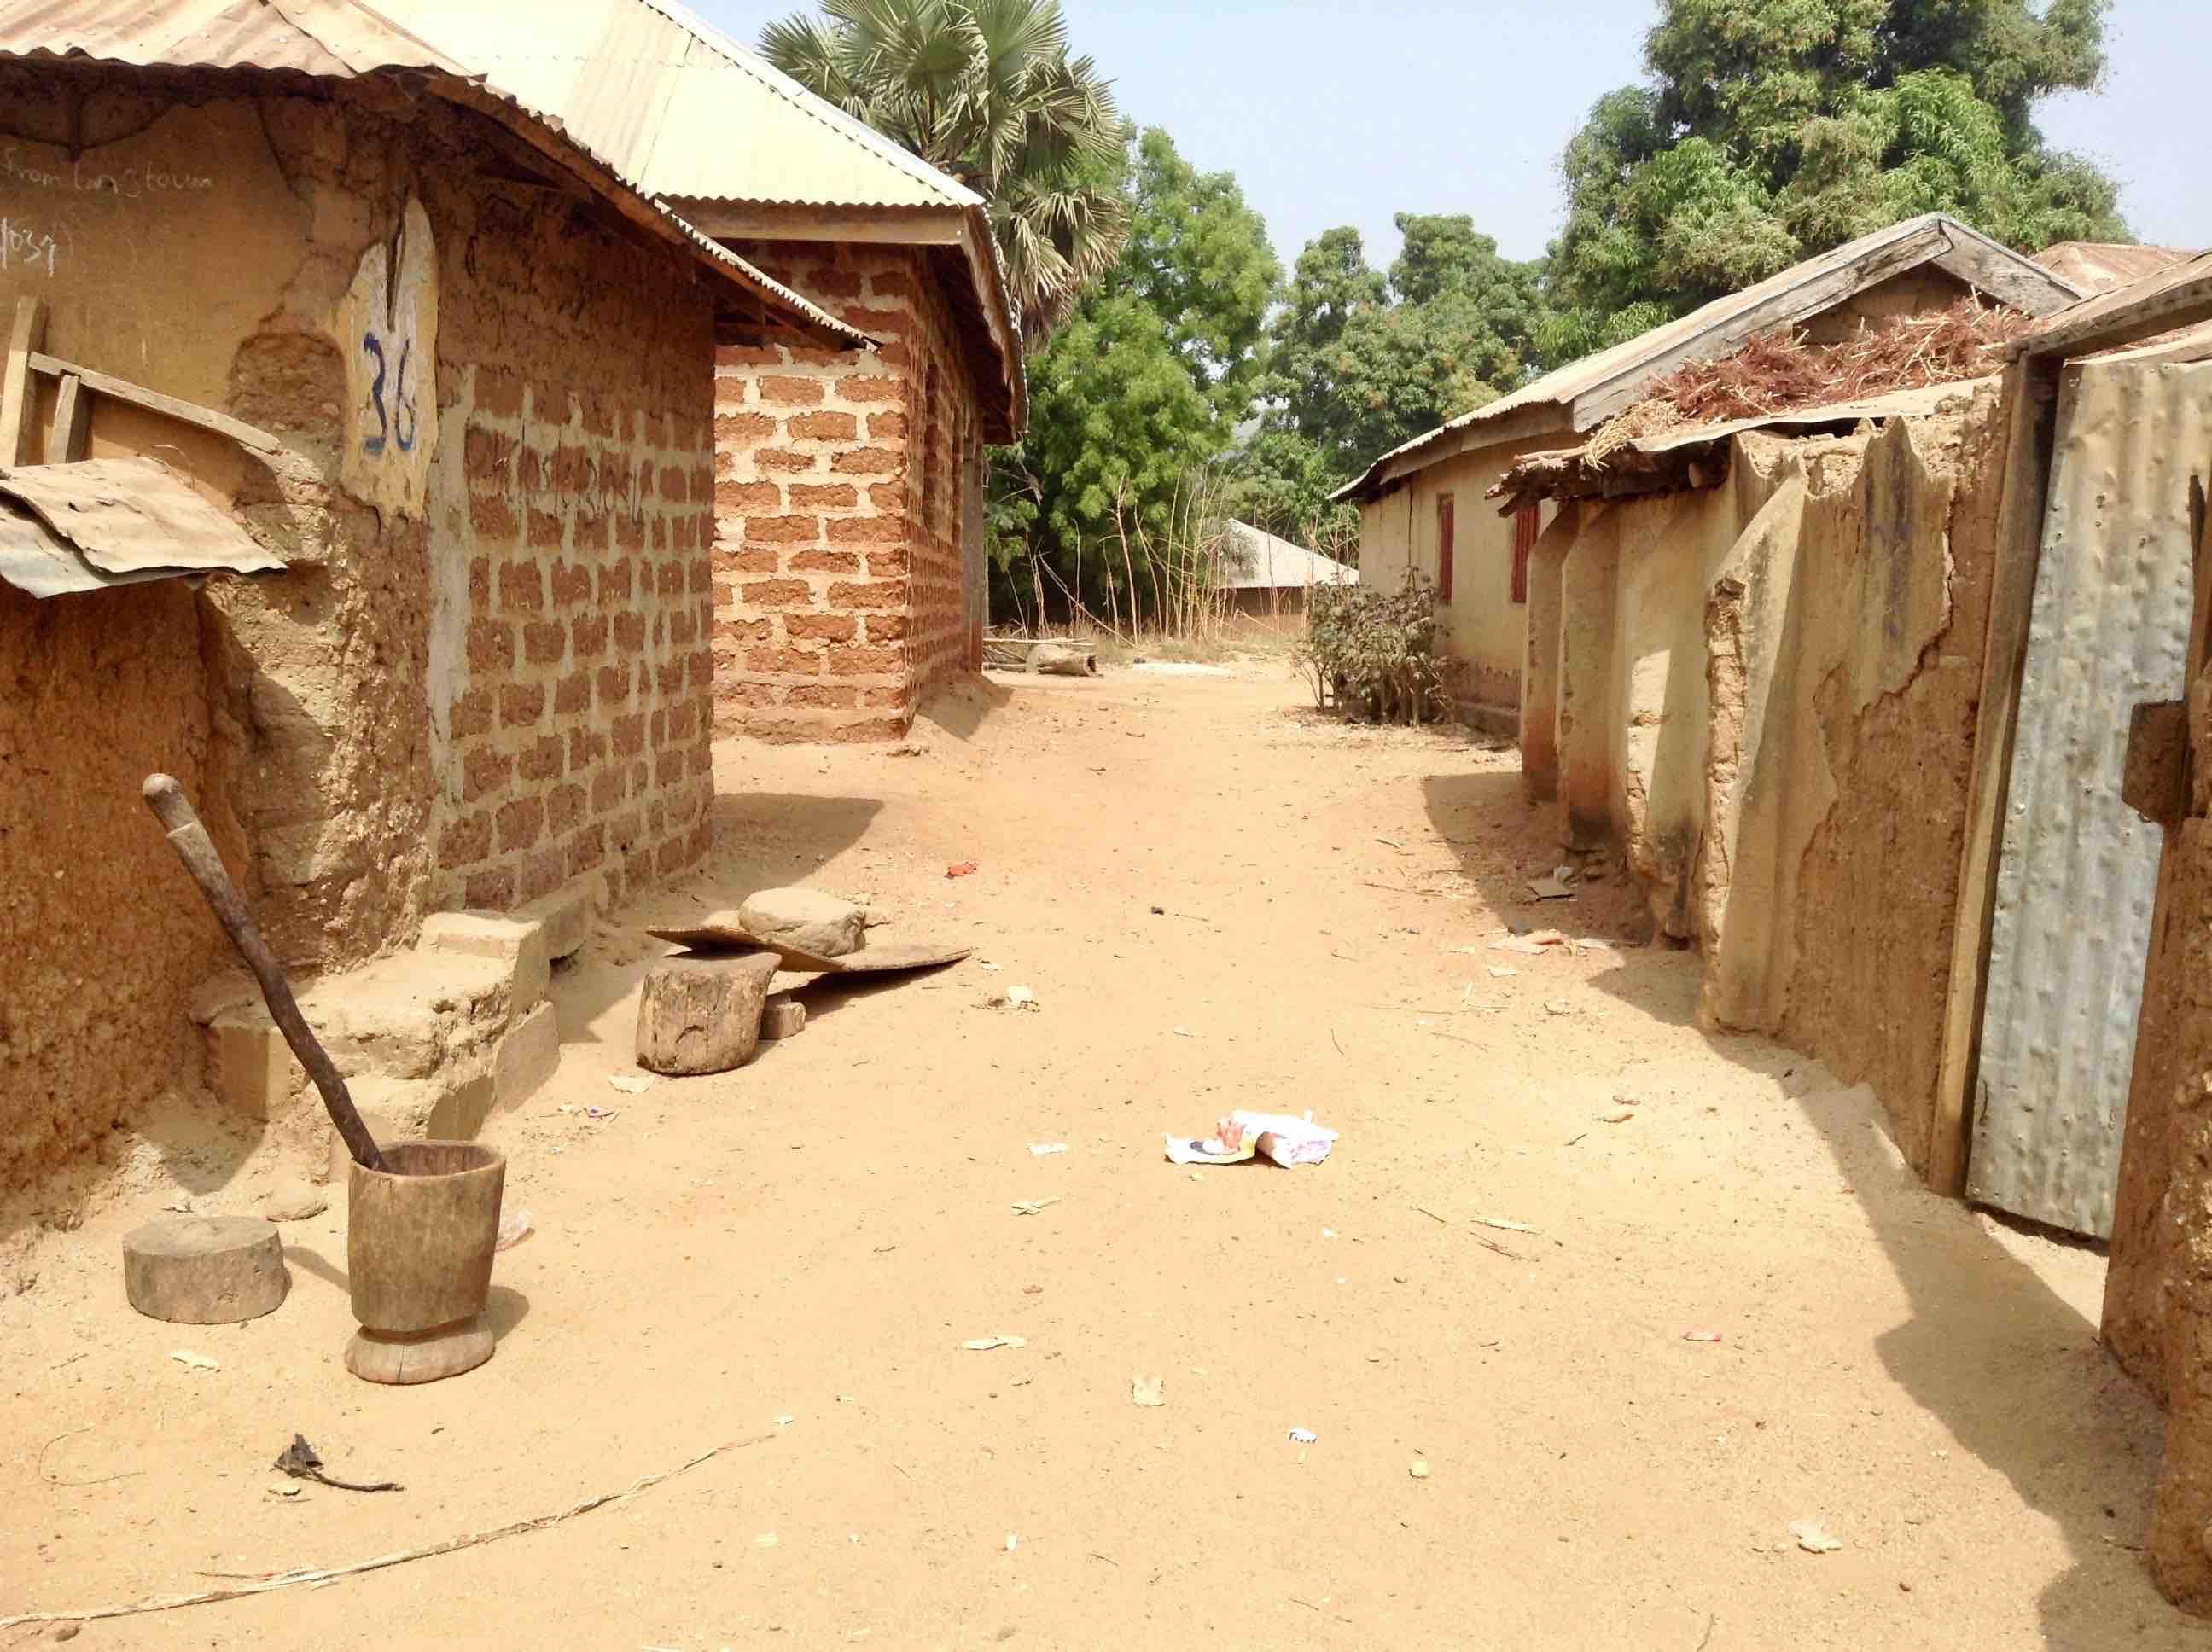 Mud huts in Langa Langa Village, Nasarawa State, Nigeria. #JujuFilms